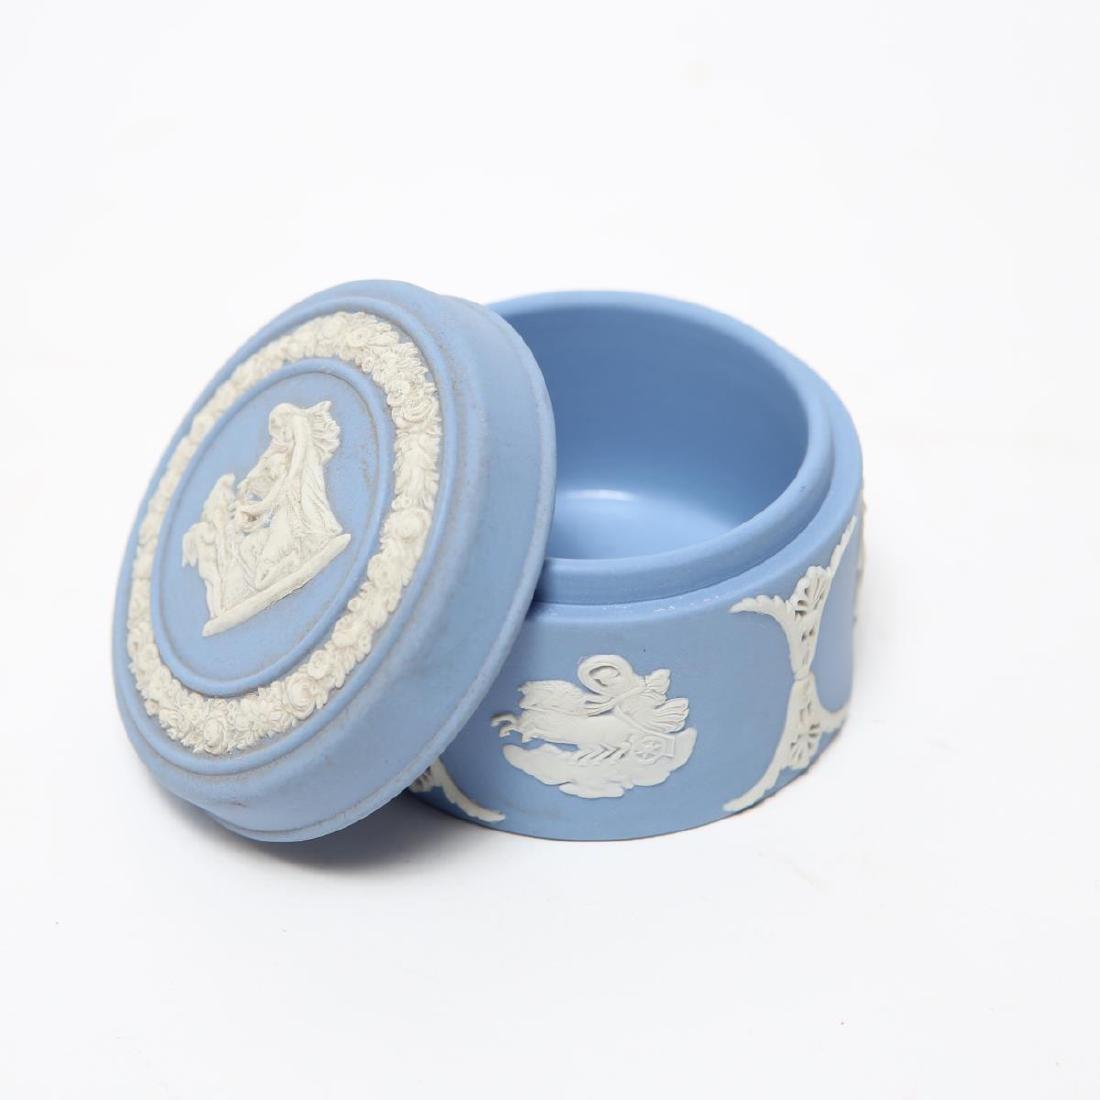 Wedgwood Green / Blue & White Jasperware Boxes, 5 - 3